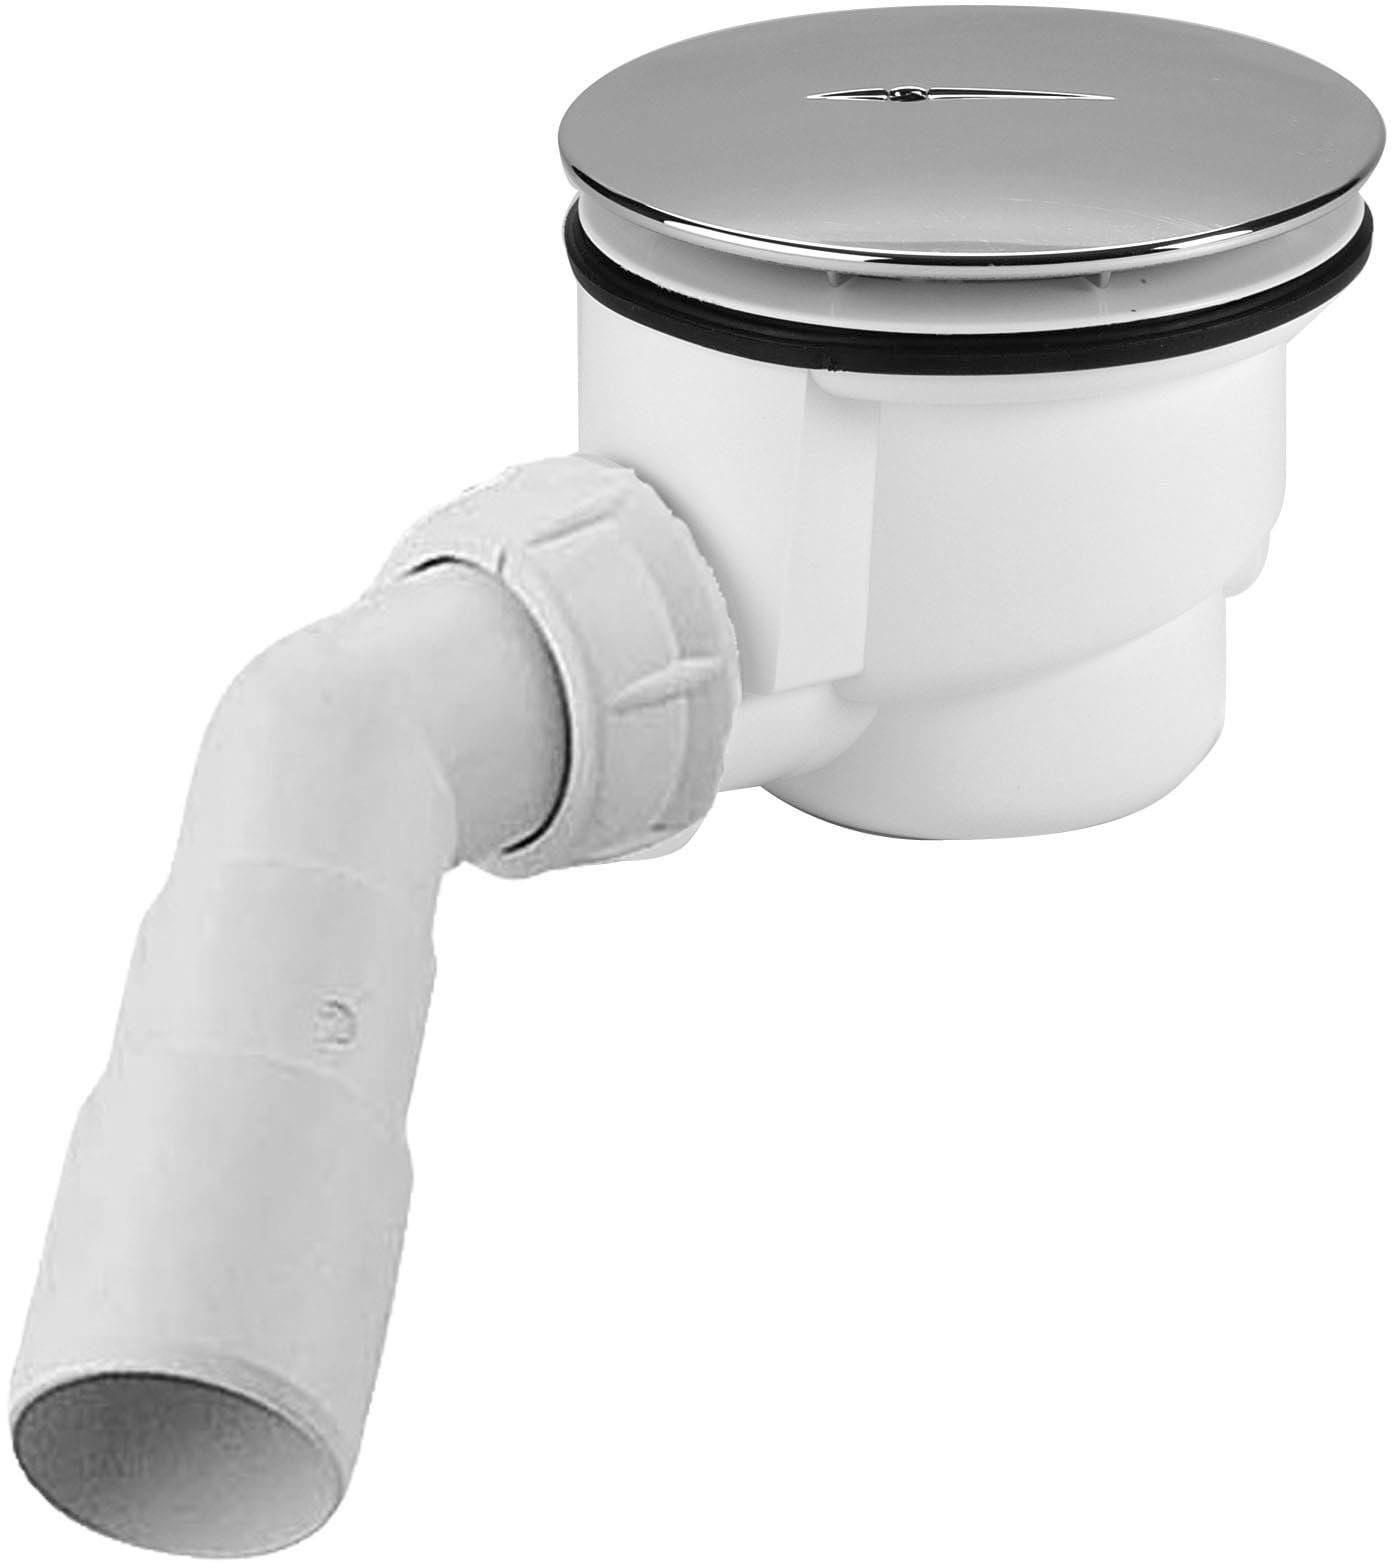 Radaway syfon do brodzików z otworem odpływowym o średnicy 90 mm 690P